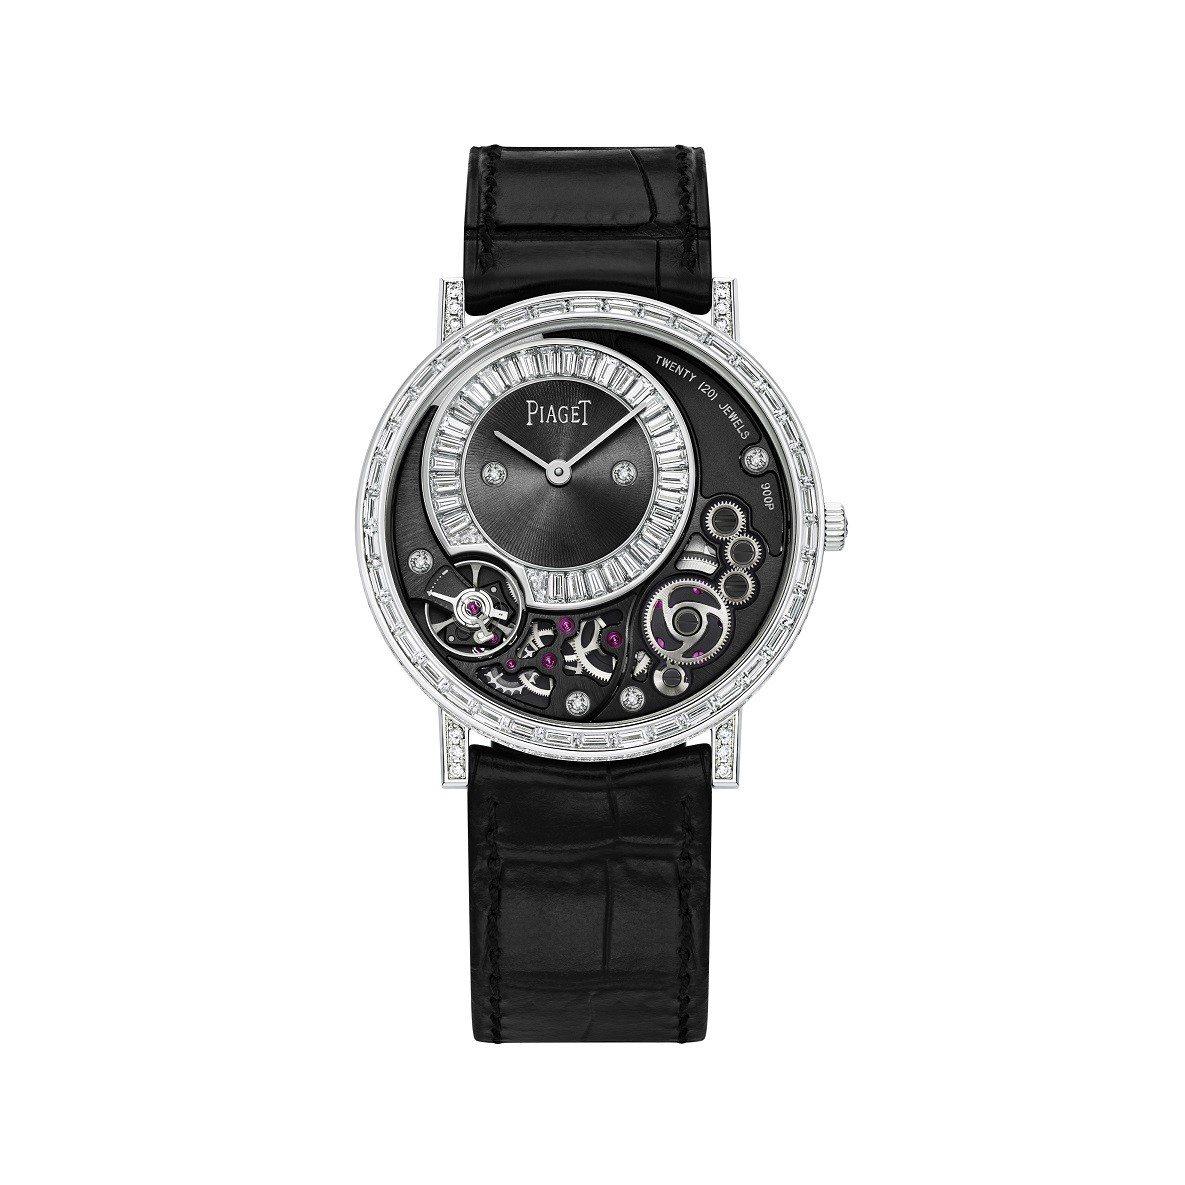 胡歌配戴的伯爵Altiplano系列高級珠寶鑽石腕表,570萬元。圖/伯爵提供